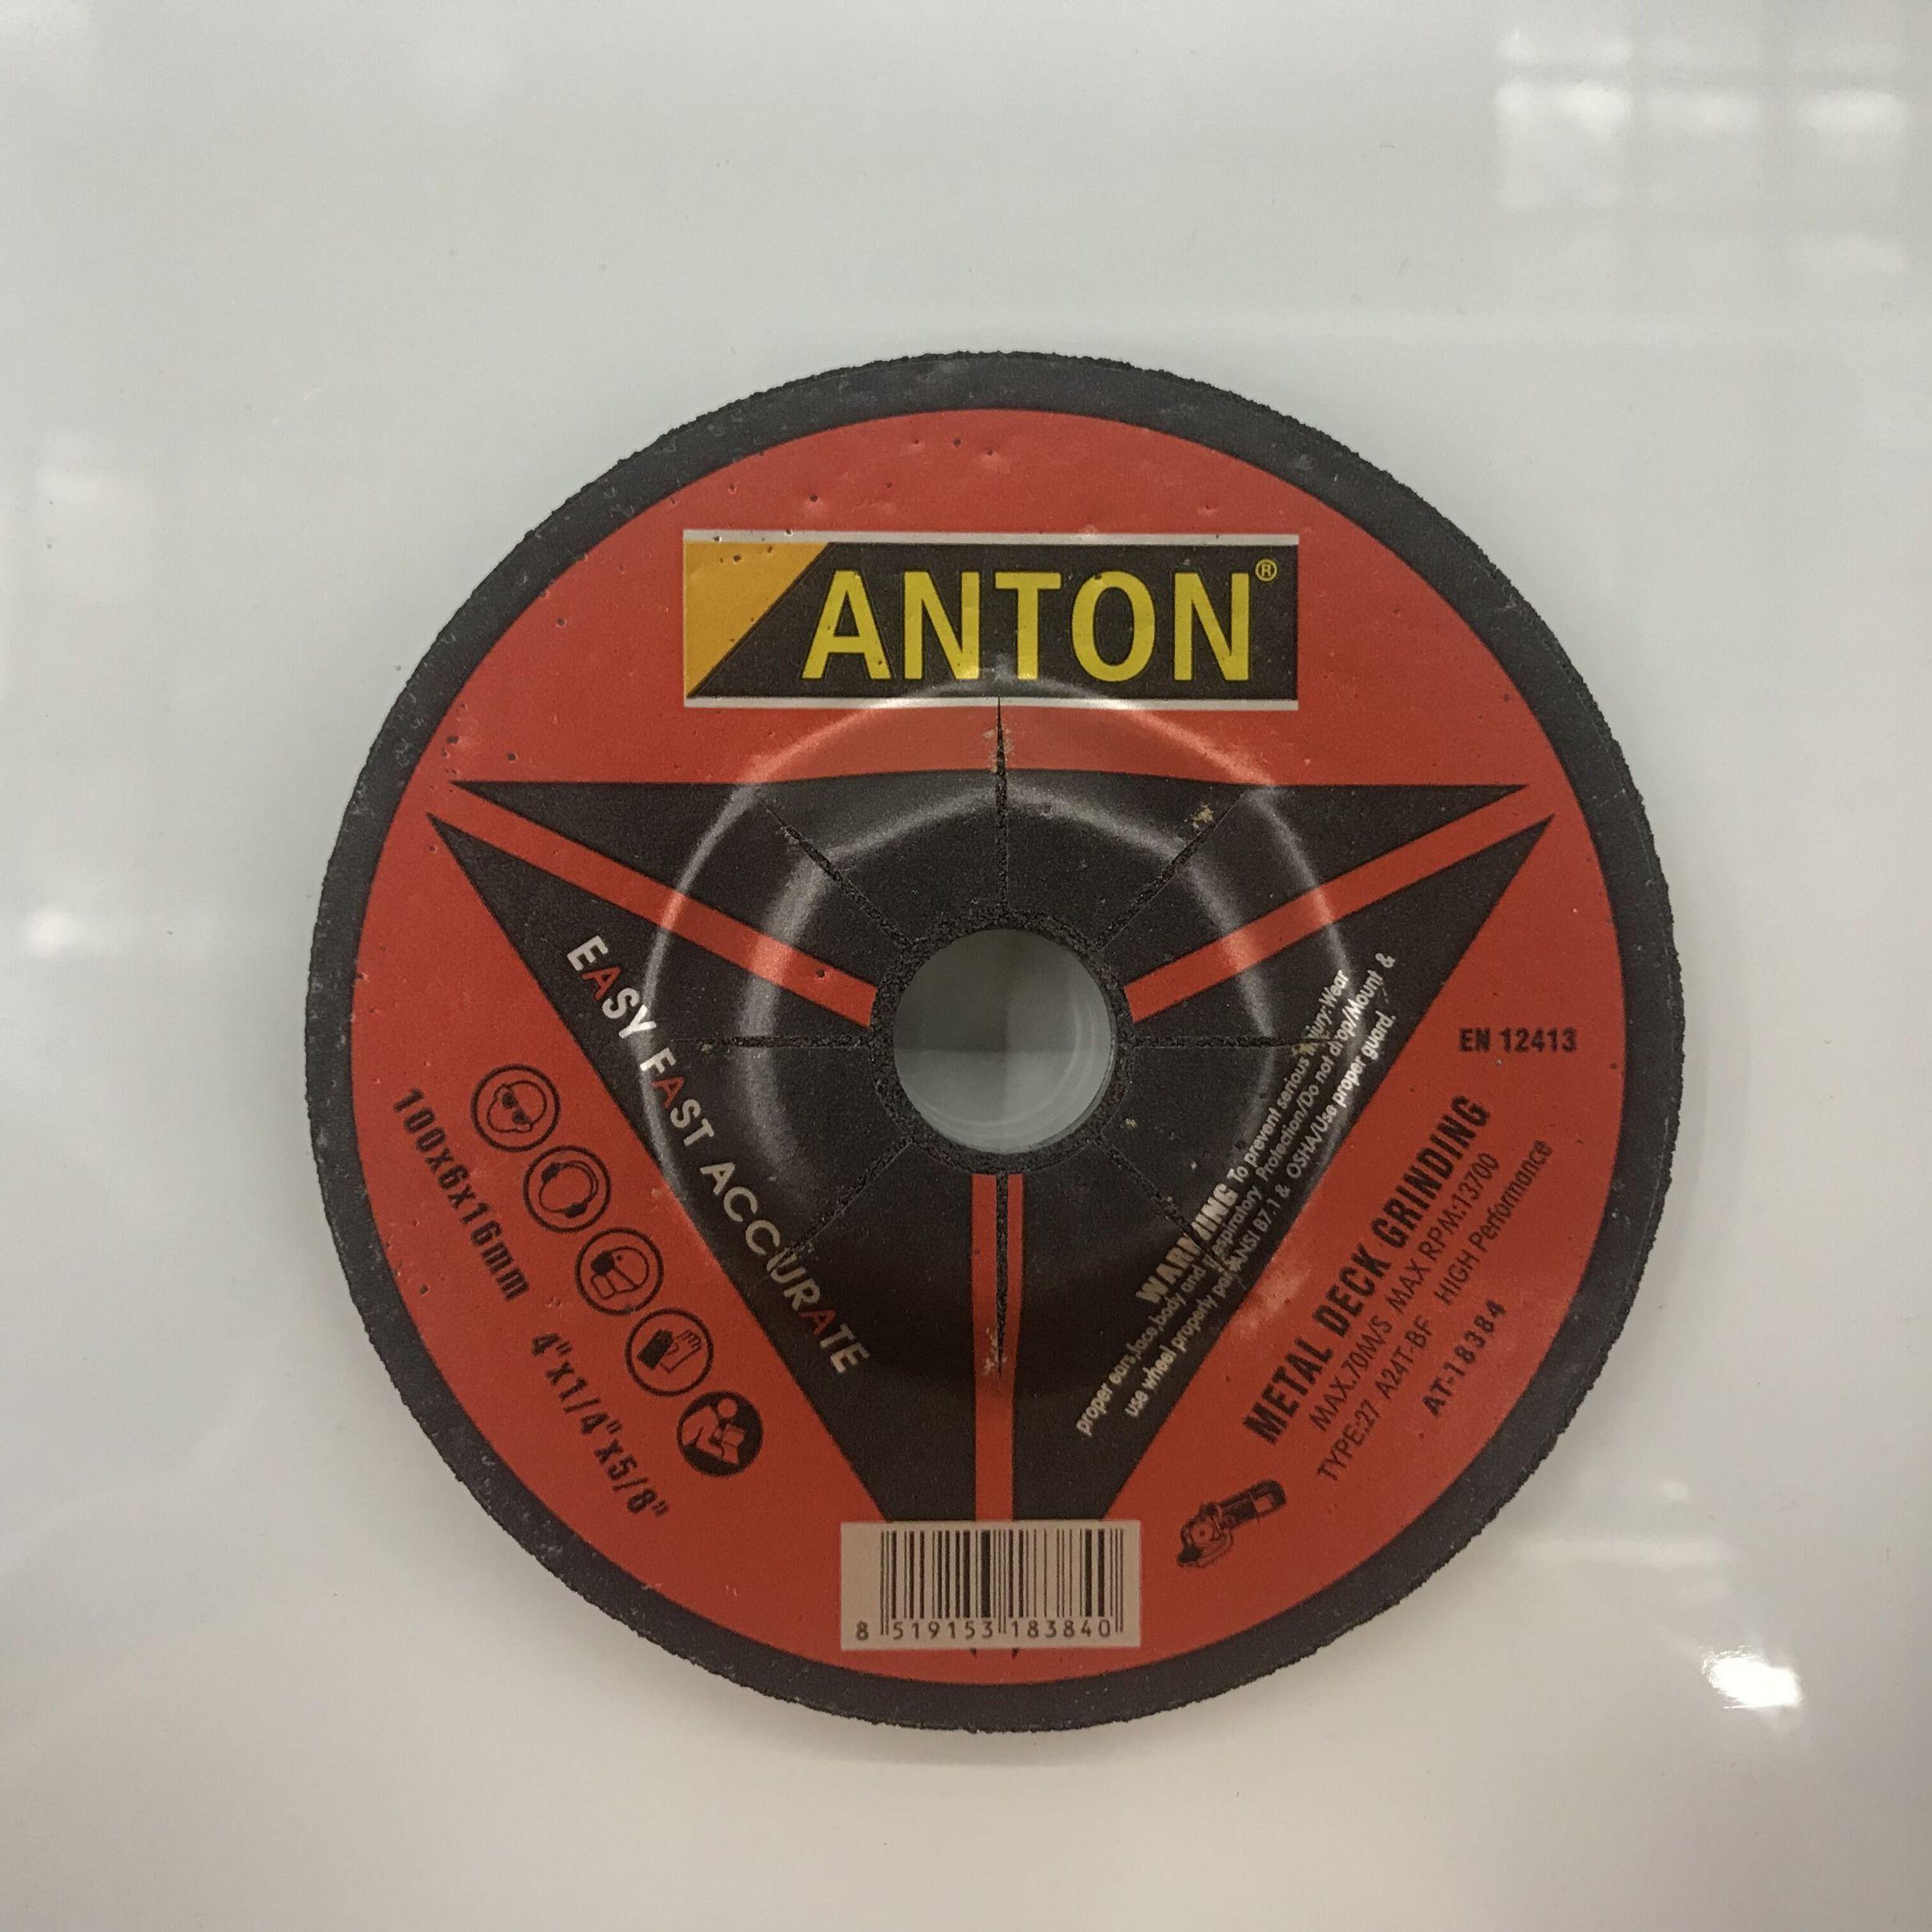 厂价供应高品质砂轮片 切割片 磨片ANTON